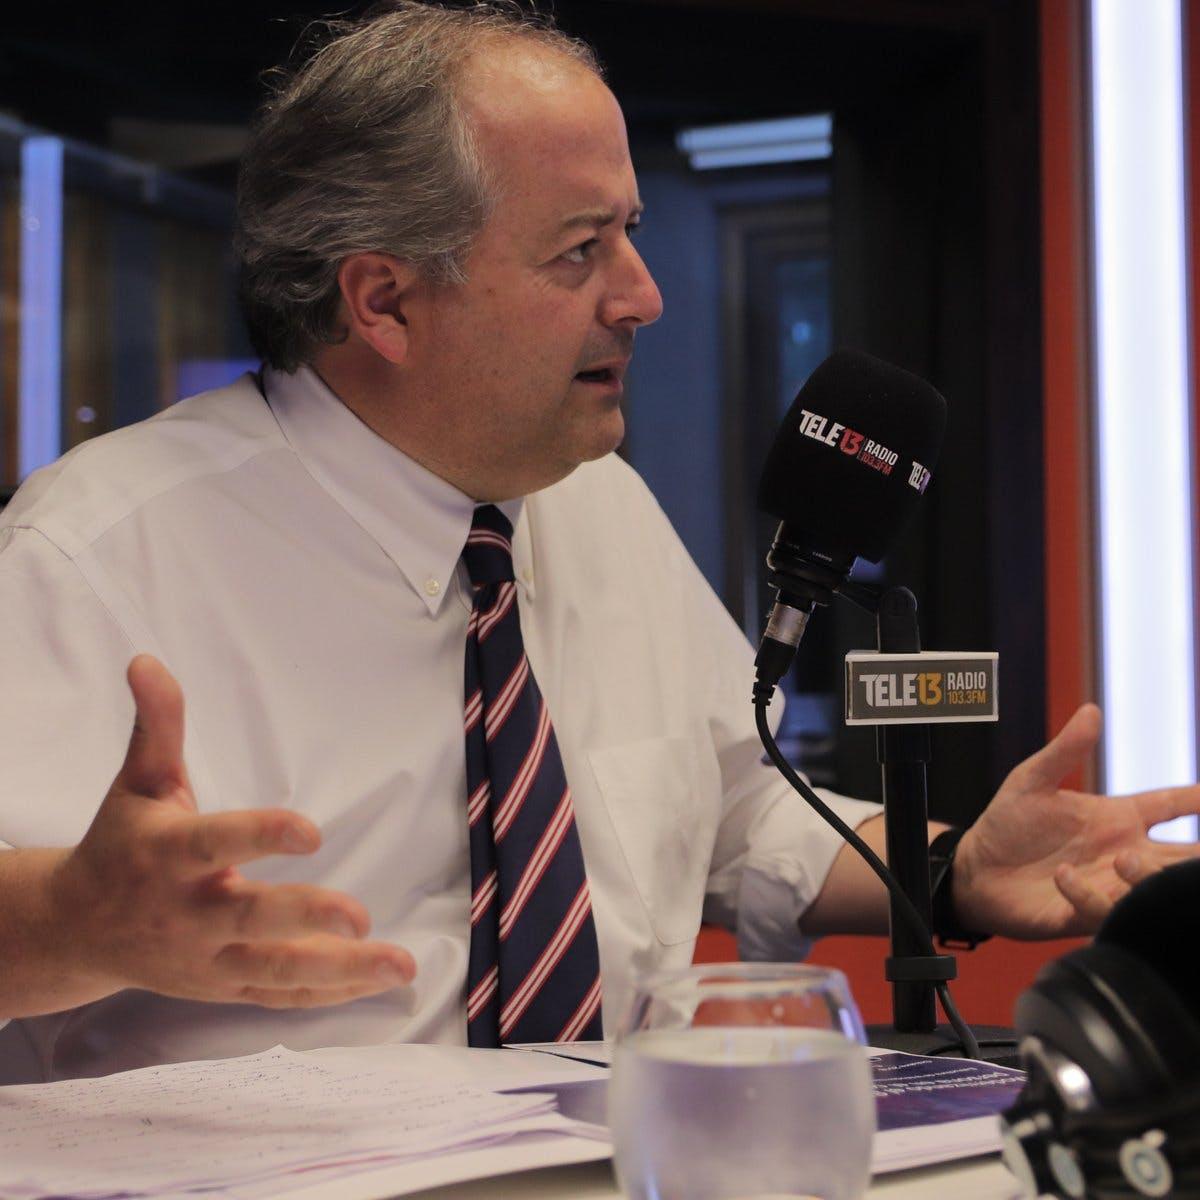 """Ministro Monckeberg por 40 horas: """"No vamos a esperar que el proyecto recorra todo el camino de tramitación para ir al tribunal constitucional"""" - Podcast - Protagonistas - Entrevista FM - Emisor Podcasting"""